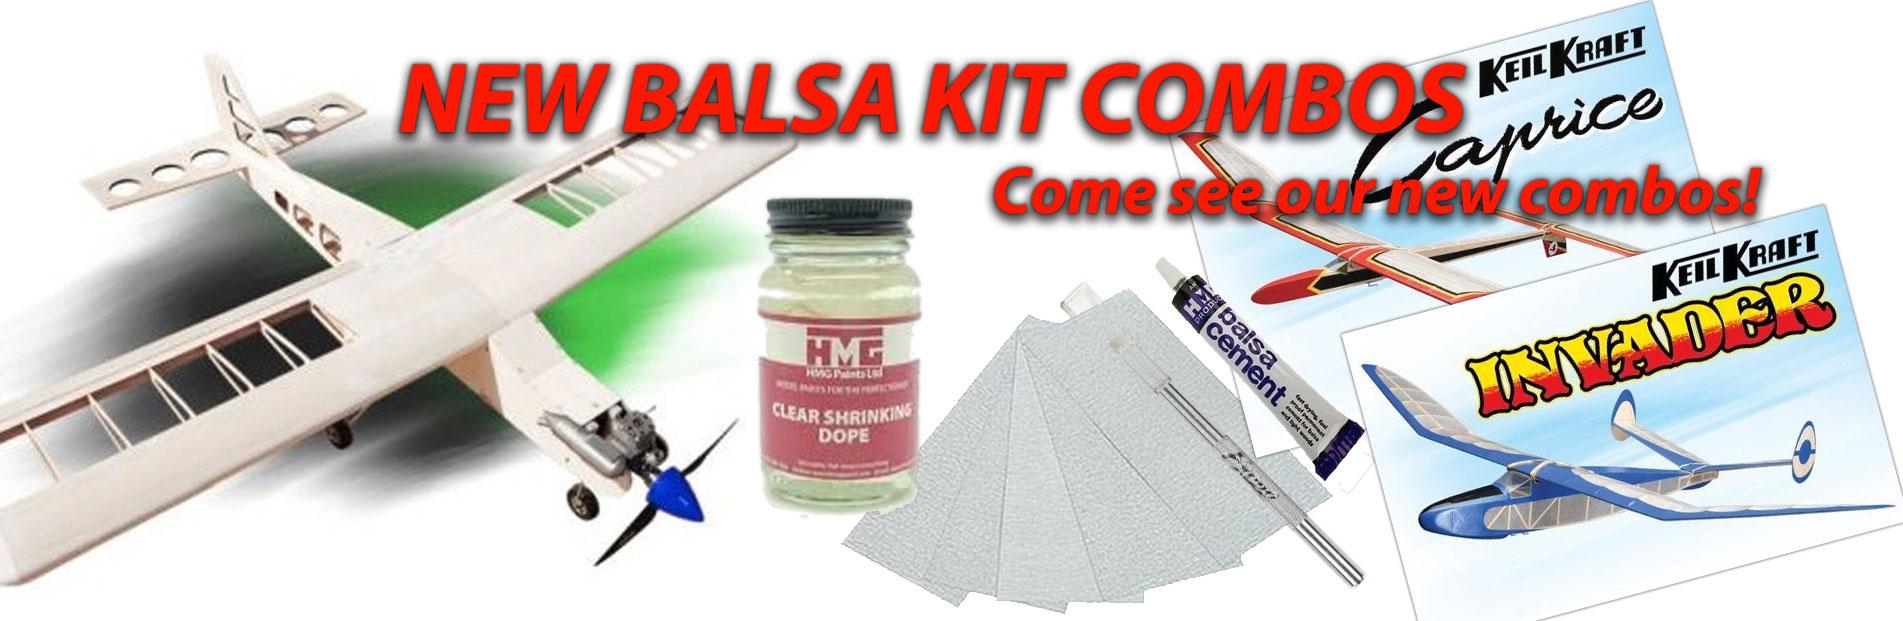 balsa kit combos